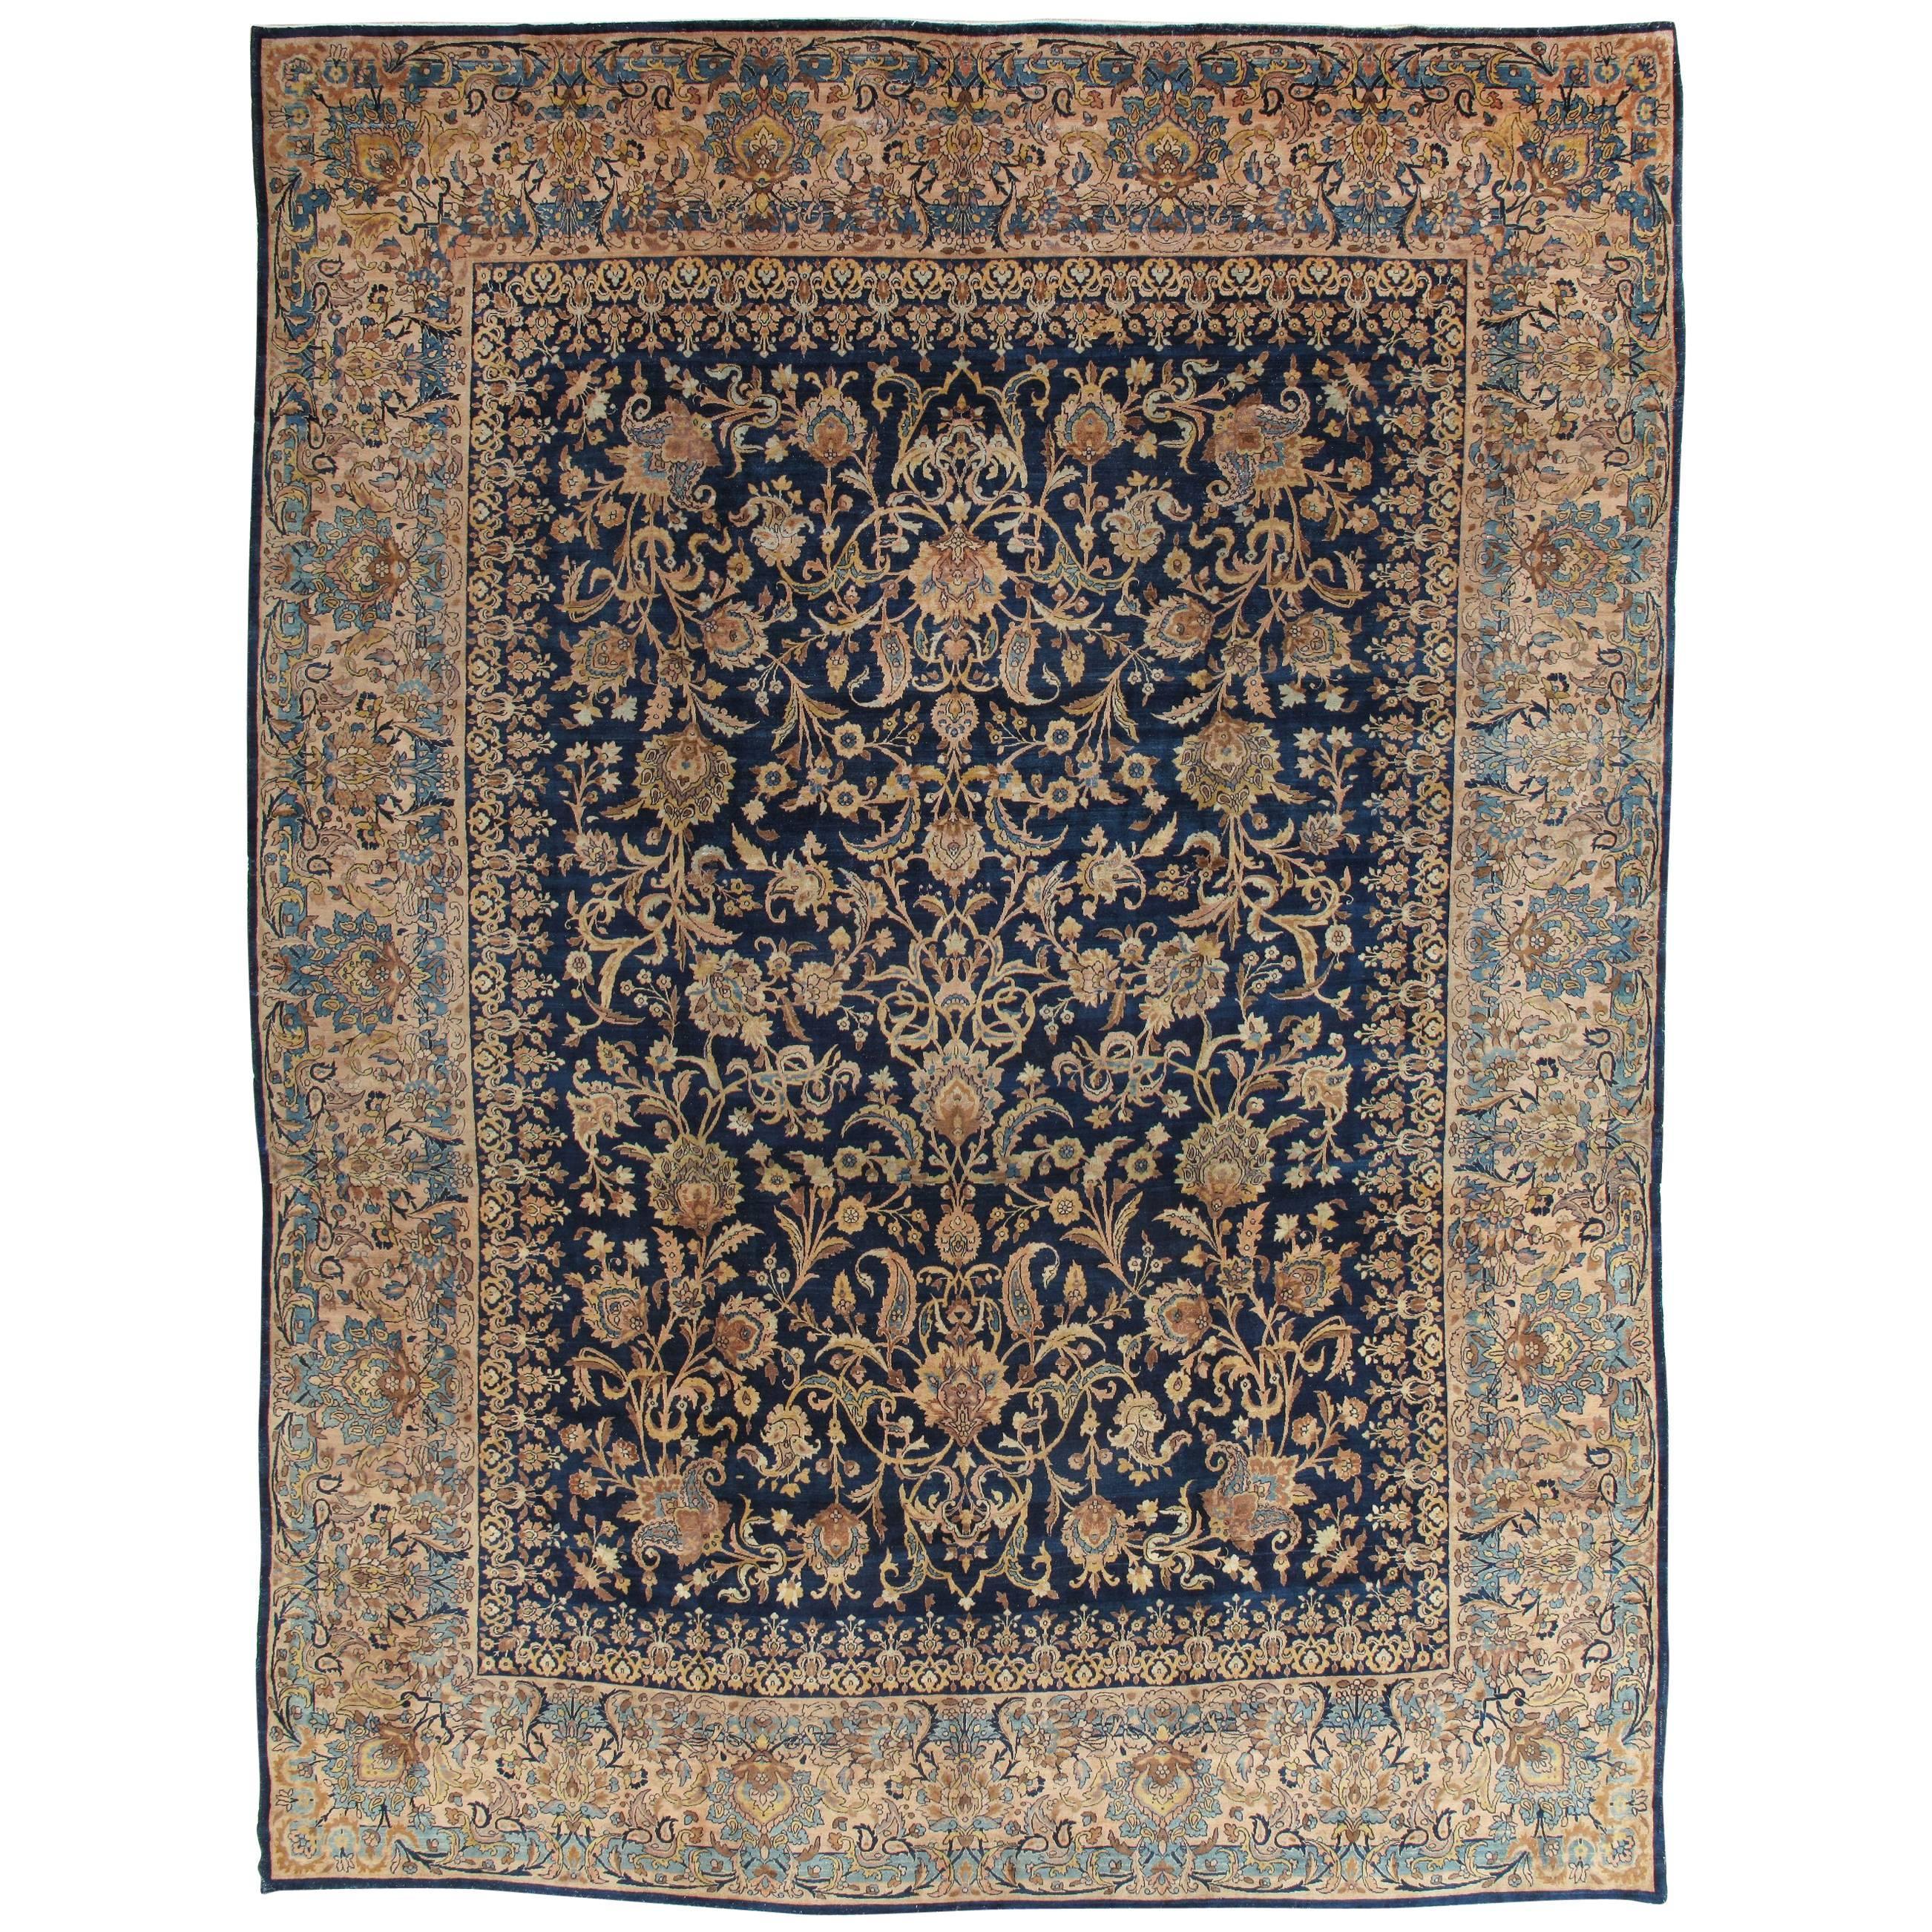 Antique Kerman Carpet, Handmade Persian Rug Wool Carpet, Navy, Gold, Ivory